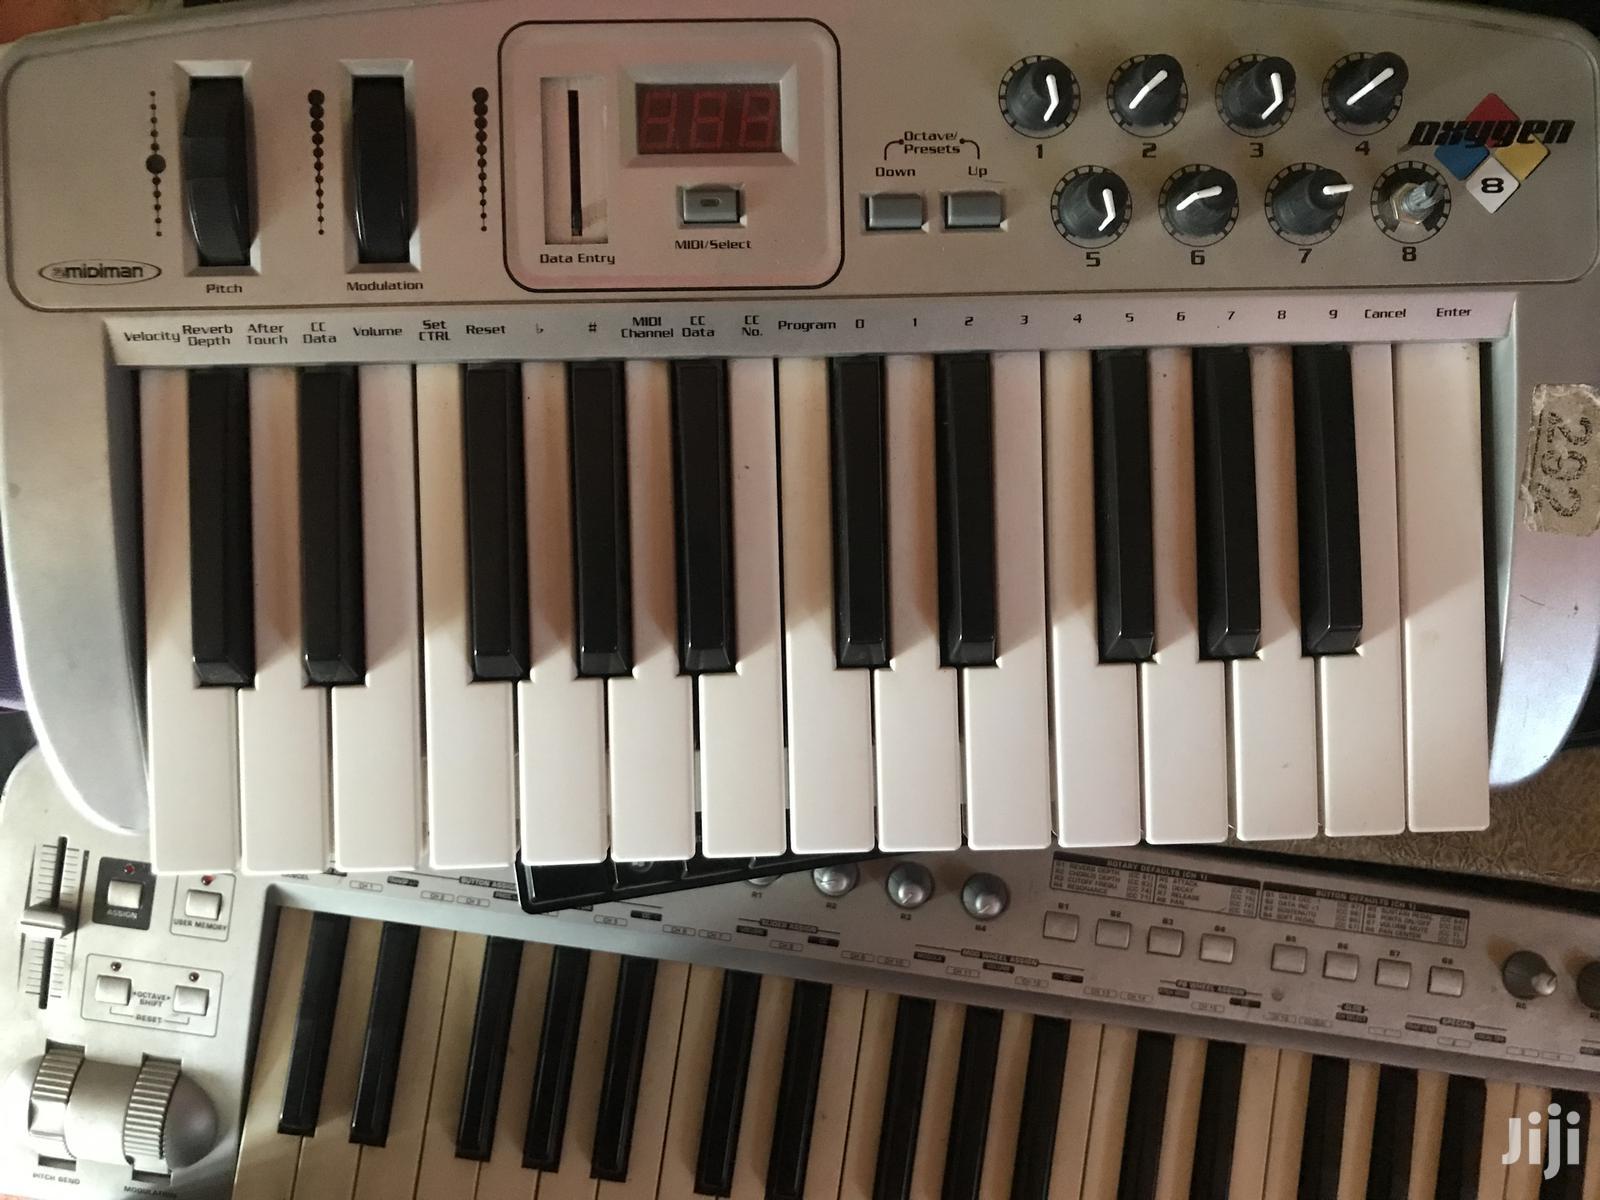 Oxygen 8 Midi Keyboard | Musical Instruments & Gear for sale in Dansoman, Greater Accra, Ghana